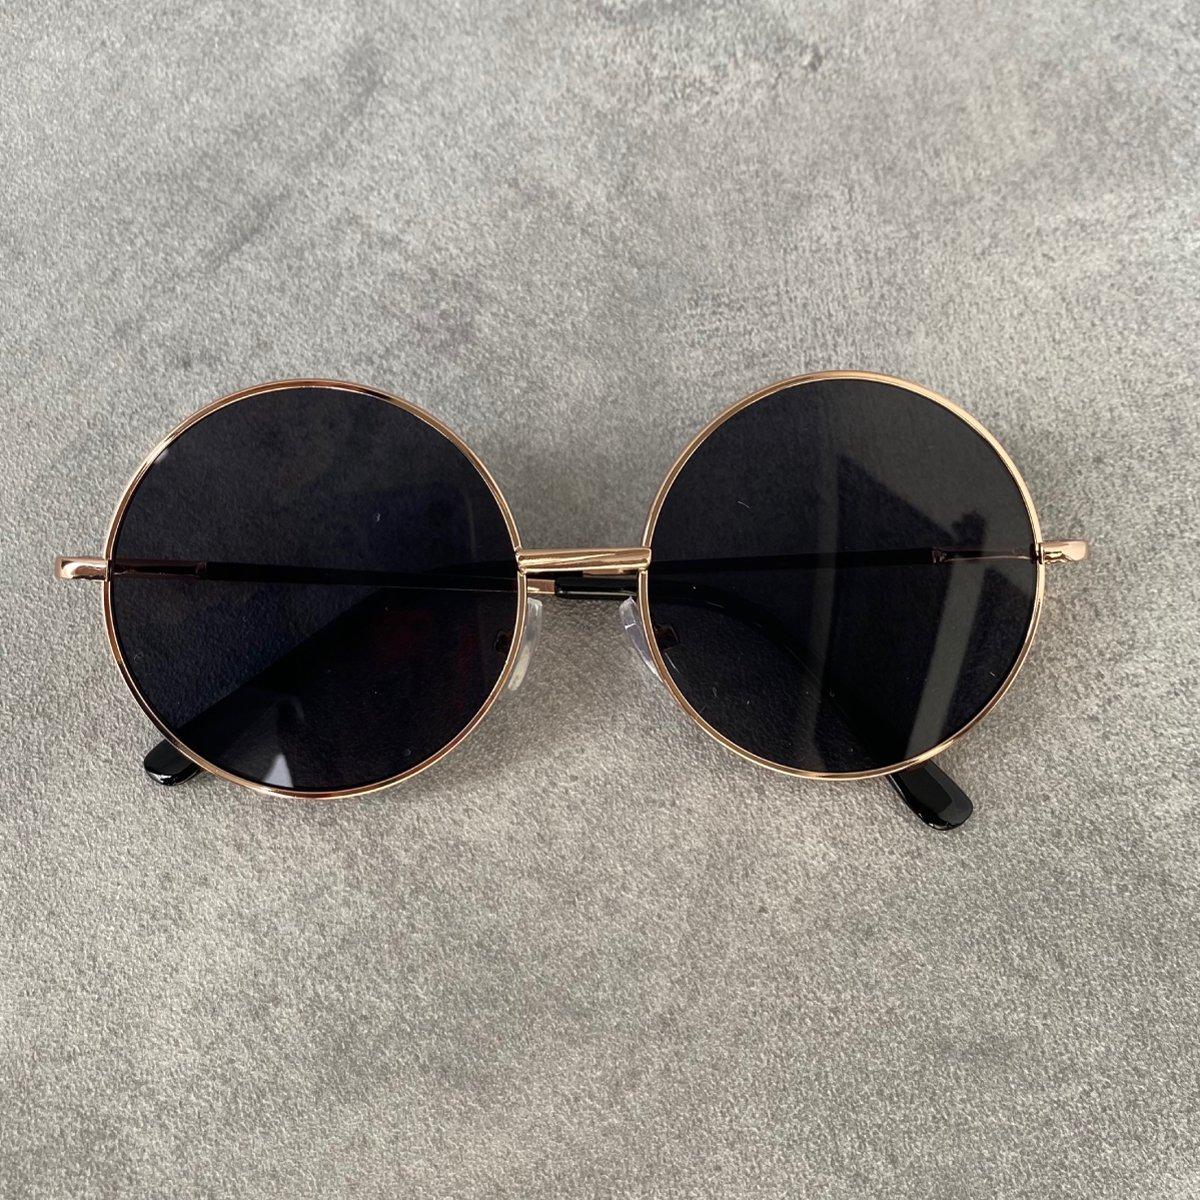 【KIDS】Kids Maru Sunglasses 詳細画像1